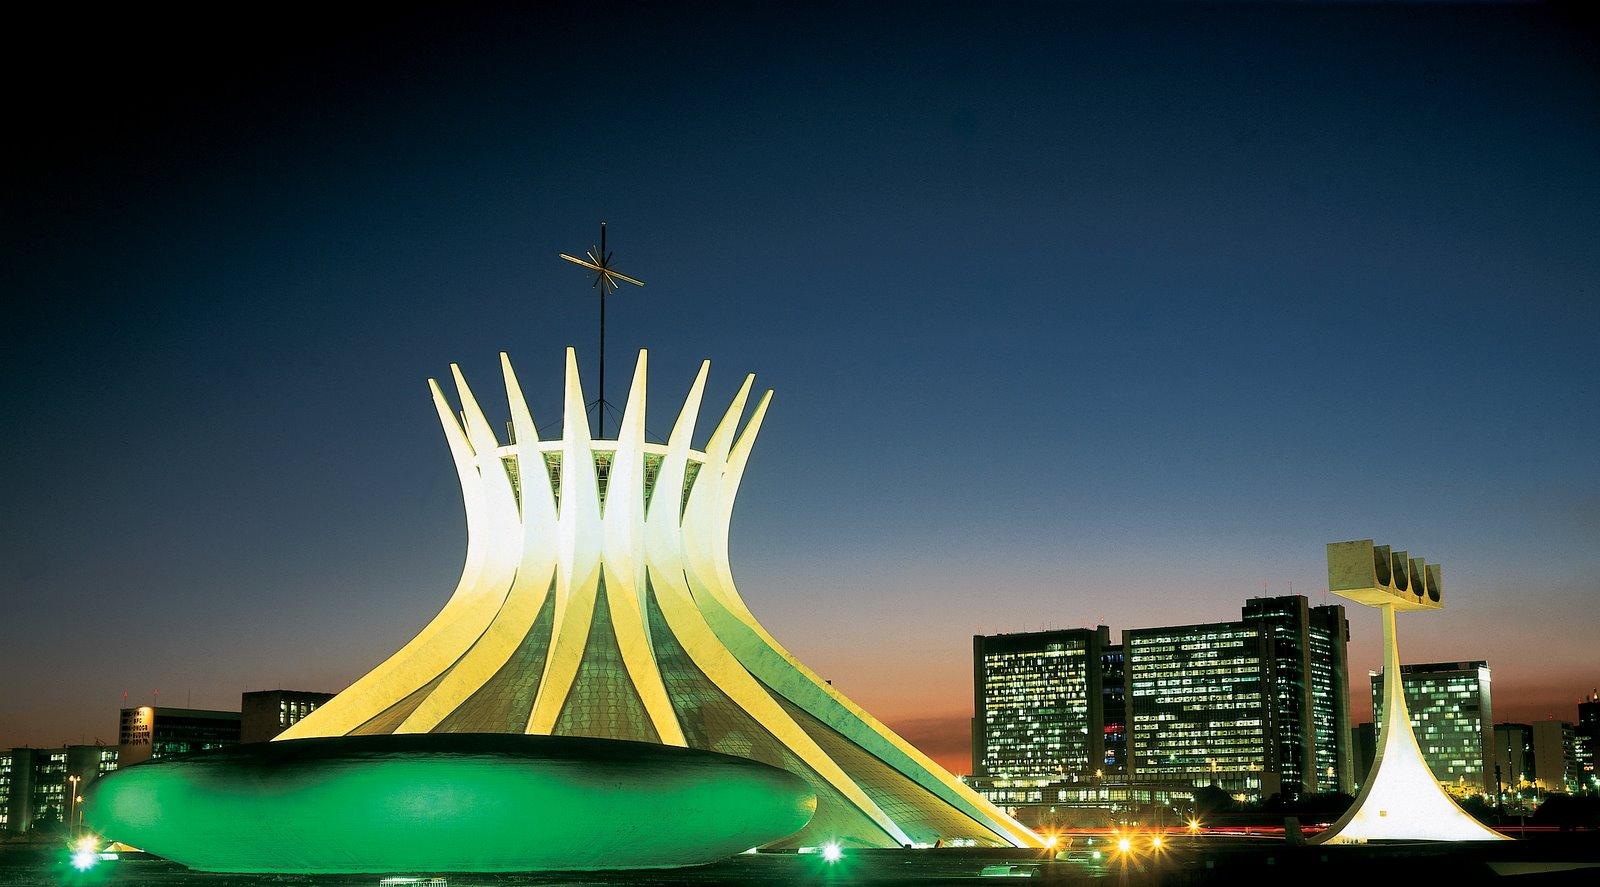 Fotos de las Crónicas de Un Viaje a Corea - Página 6 Catedral-metropolitana-brasilia